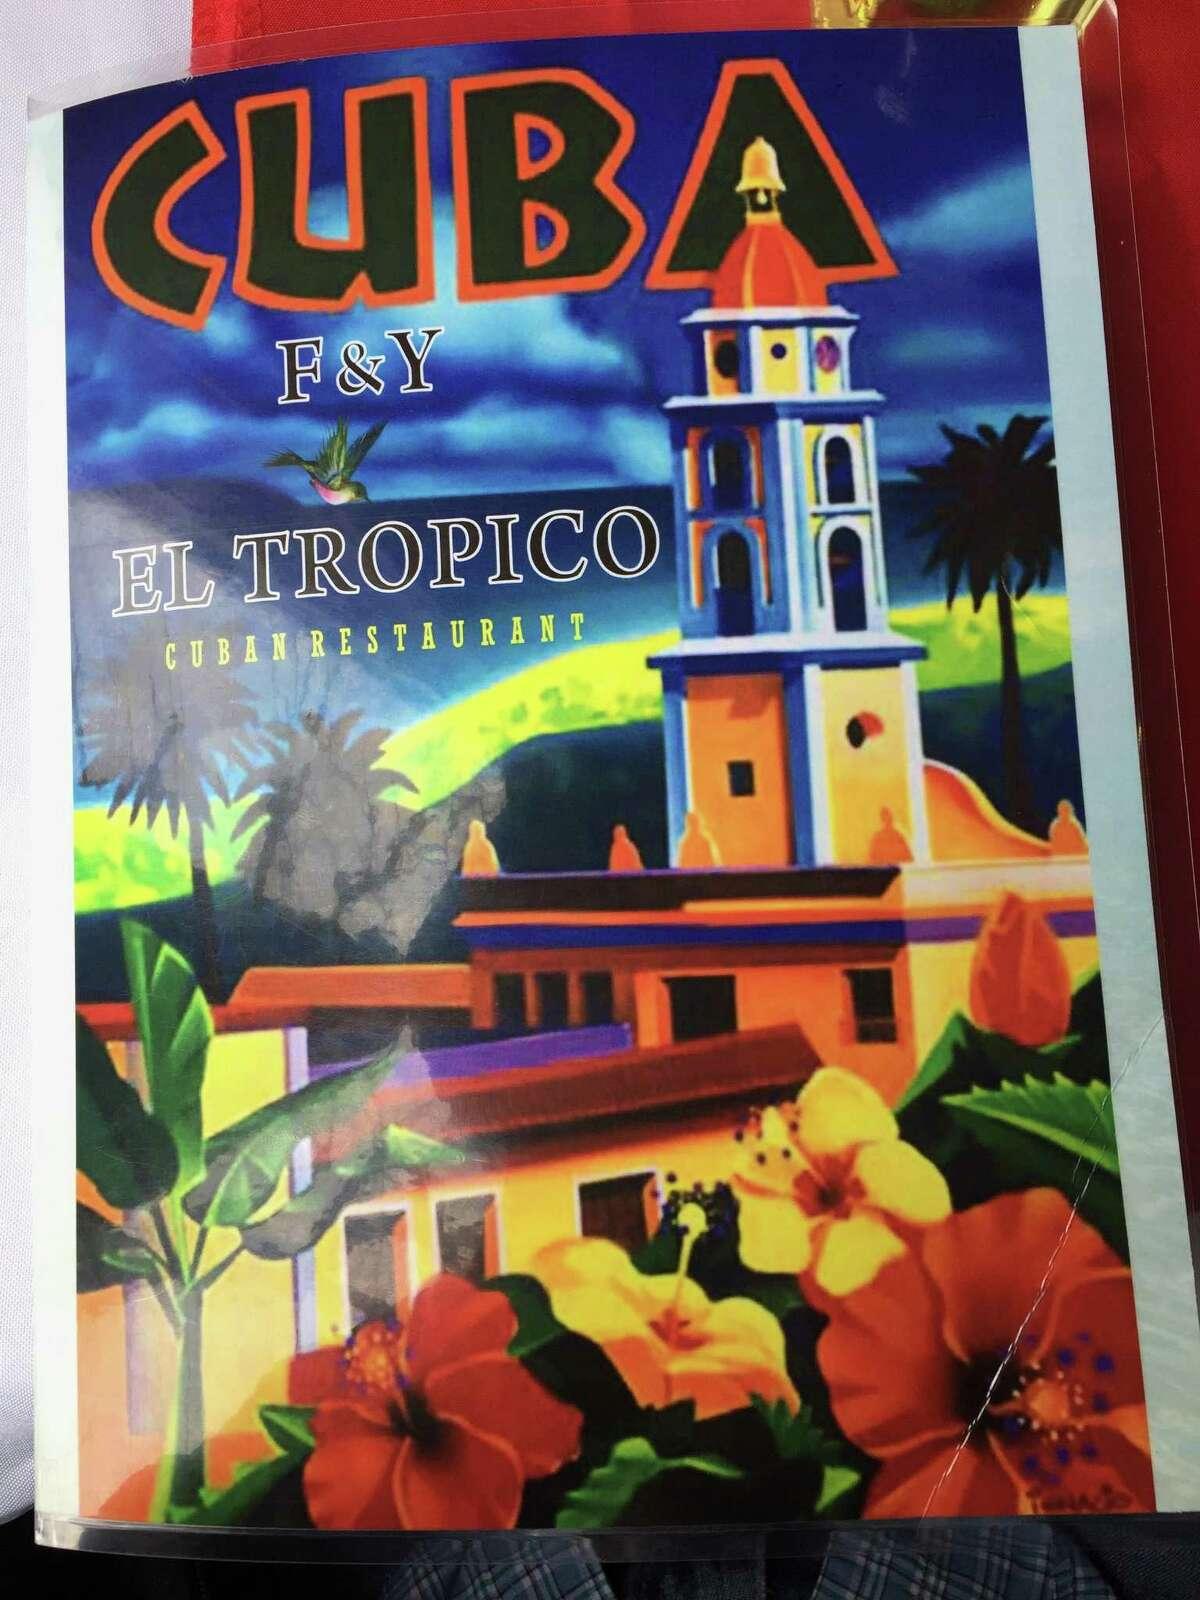 F&Y El Tropico Cuban Restaurant is located at 6060 Montgomery Drive, Suite 101.